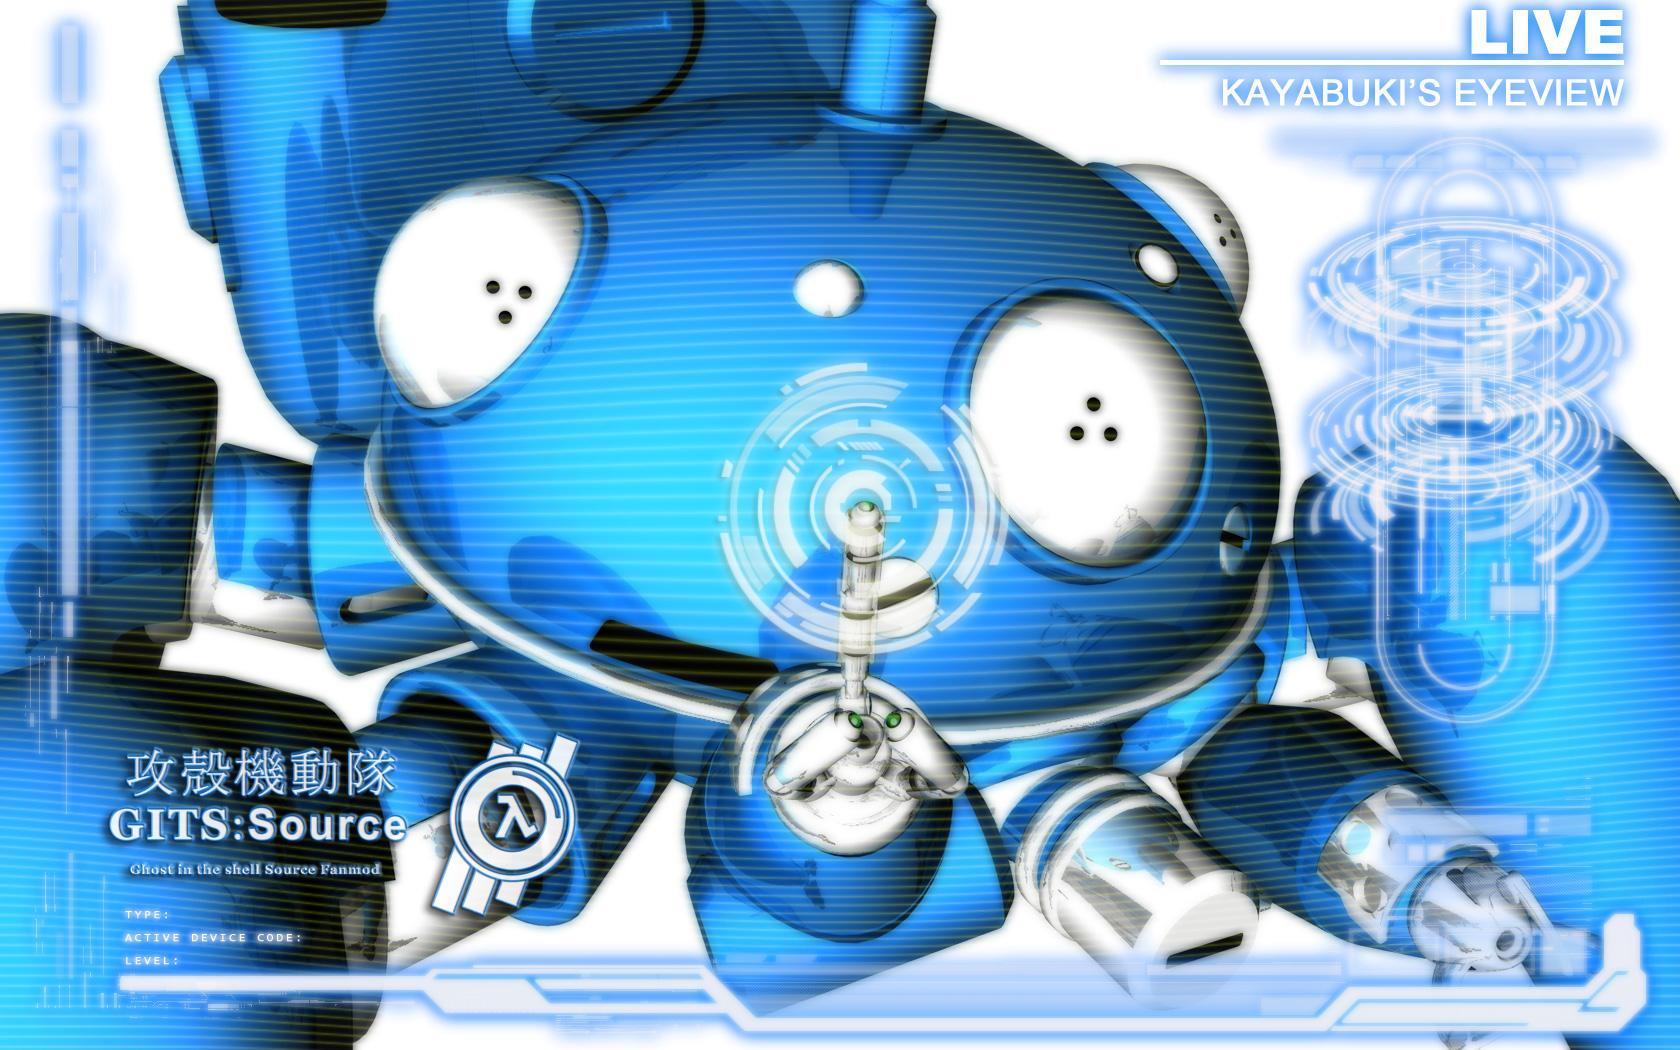 http://fc01.deviantart.com/fs14/f/2007/110/2/8/GITS_Source_Teaser_Wallpaper_by_Dwair.jpg